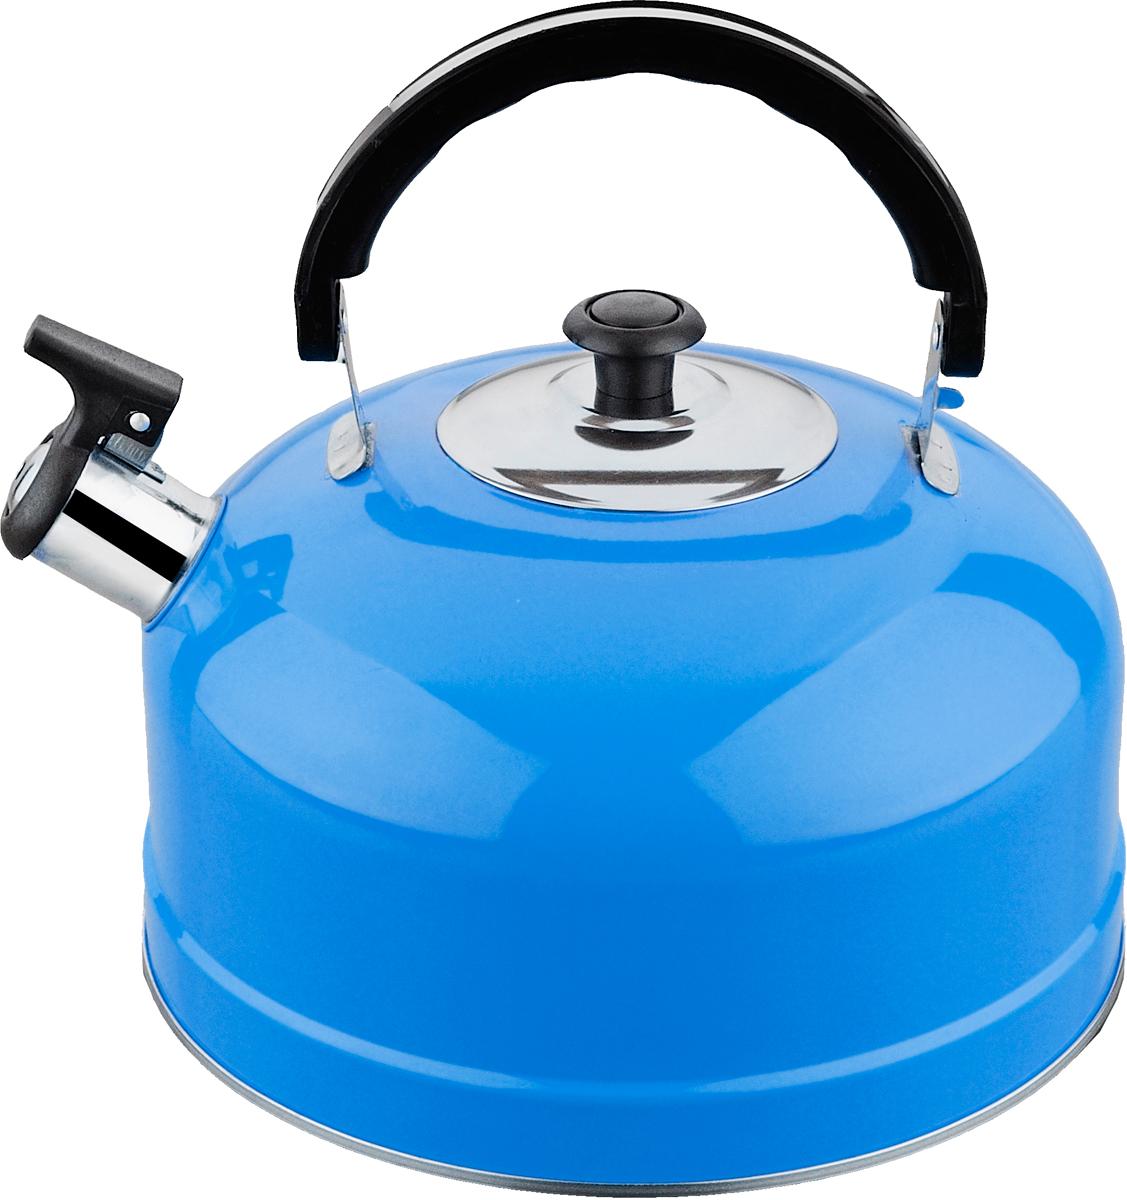 Чайник Irit, со свистком, цвет: голубой, 2,5 лIRH-418 голубойЧайник Irit изготовлен из высококачественной нержавеющей стали, имеет однослойное дно. Нержавеющая сталь обладает высокой устойчивостью к коррозии, не вступает в реакцию с холодными и горячими продуктами и полностью сохраняет их вкусовые качества.Чайник оснащен удобной подвижнойручкой из термостойкого пластика, которая не нагревается. Носик чайника имеет откидной свисток, звуковой сигнал которого подскажет, когда закипит вода.